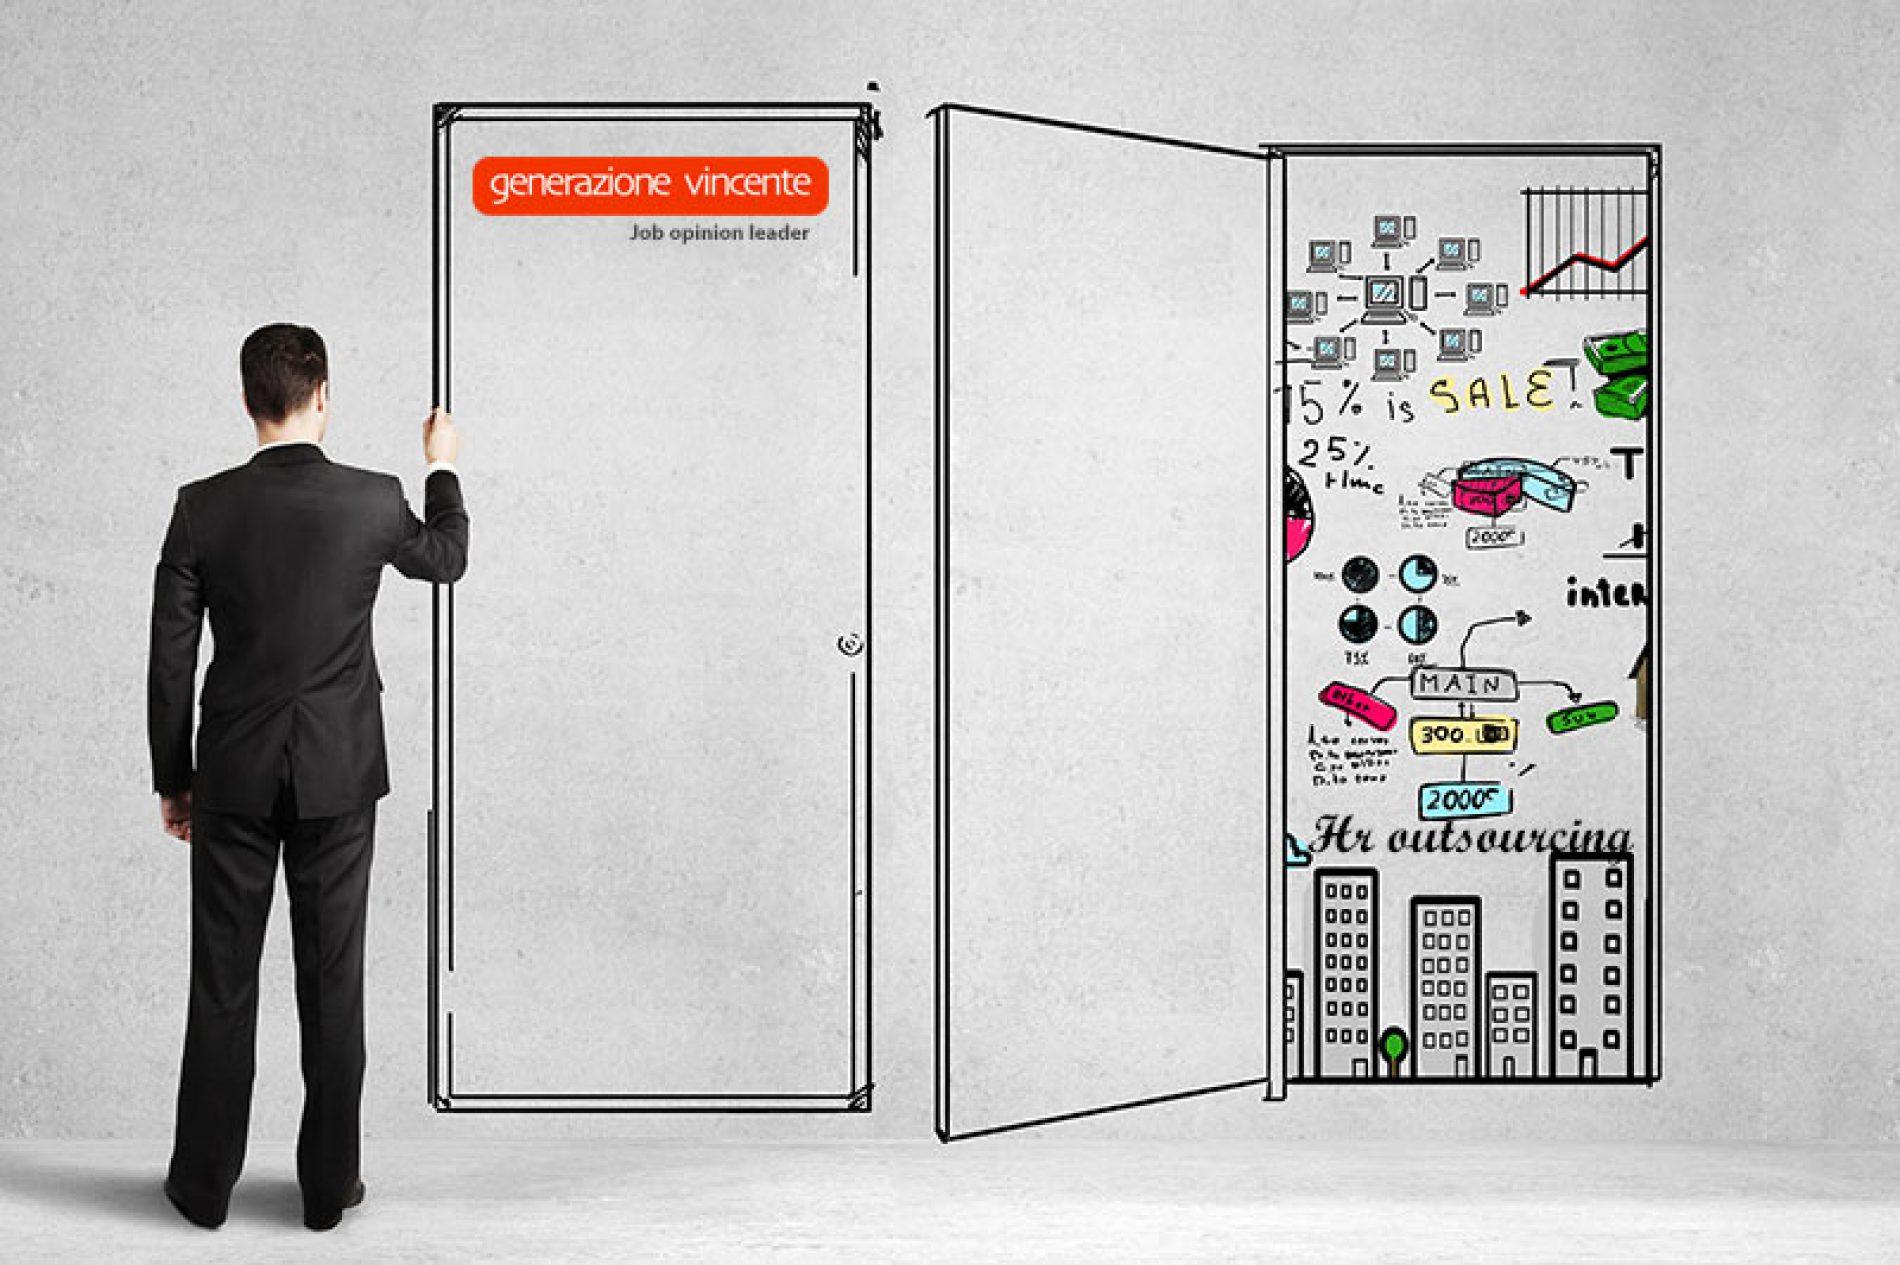 HR outsourcing : un fenomeno in crescita nelle aziende italiane